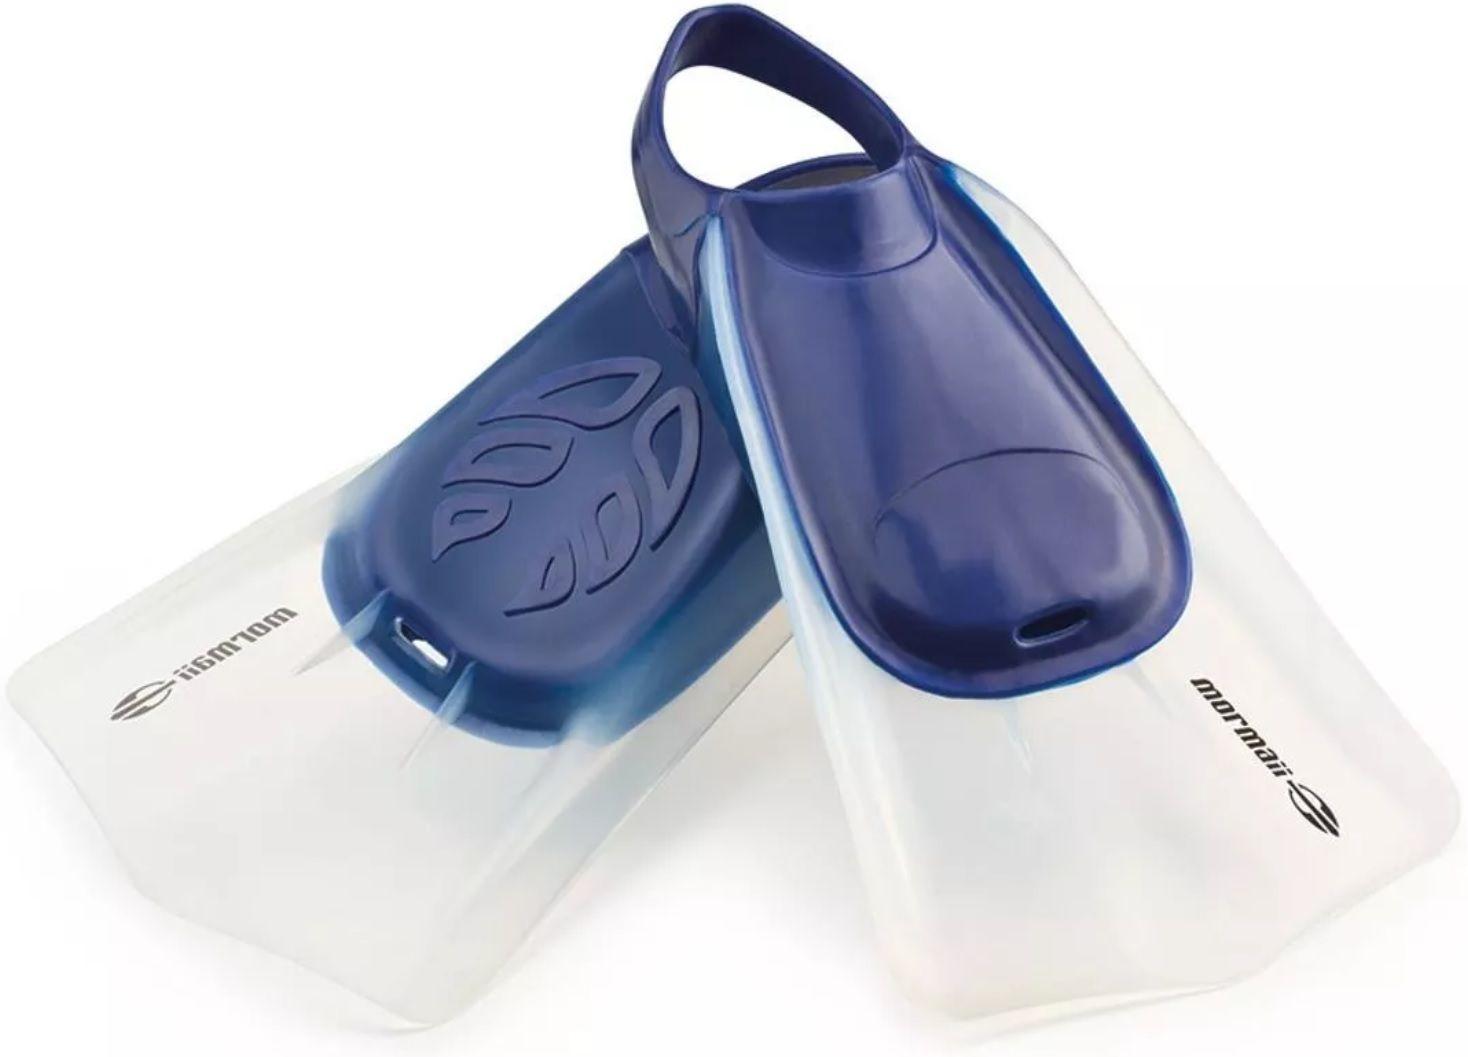 Nadadeira Pé de Pato Mormaii Wave Azul Tamanho GGG para Bodyboard e Natação